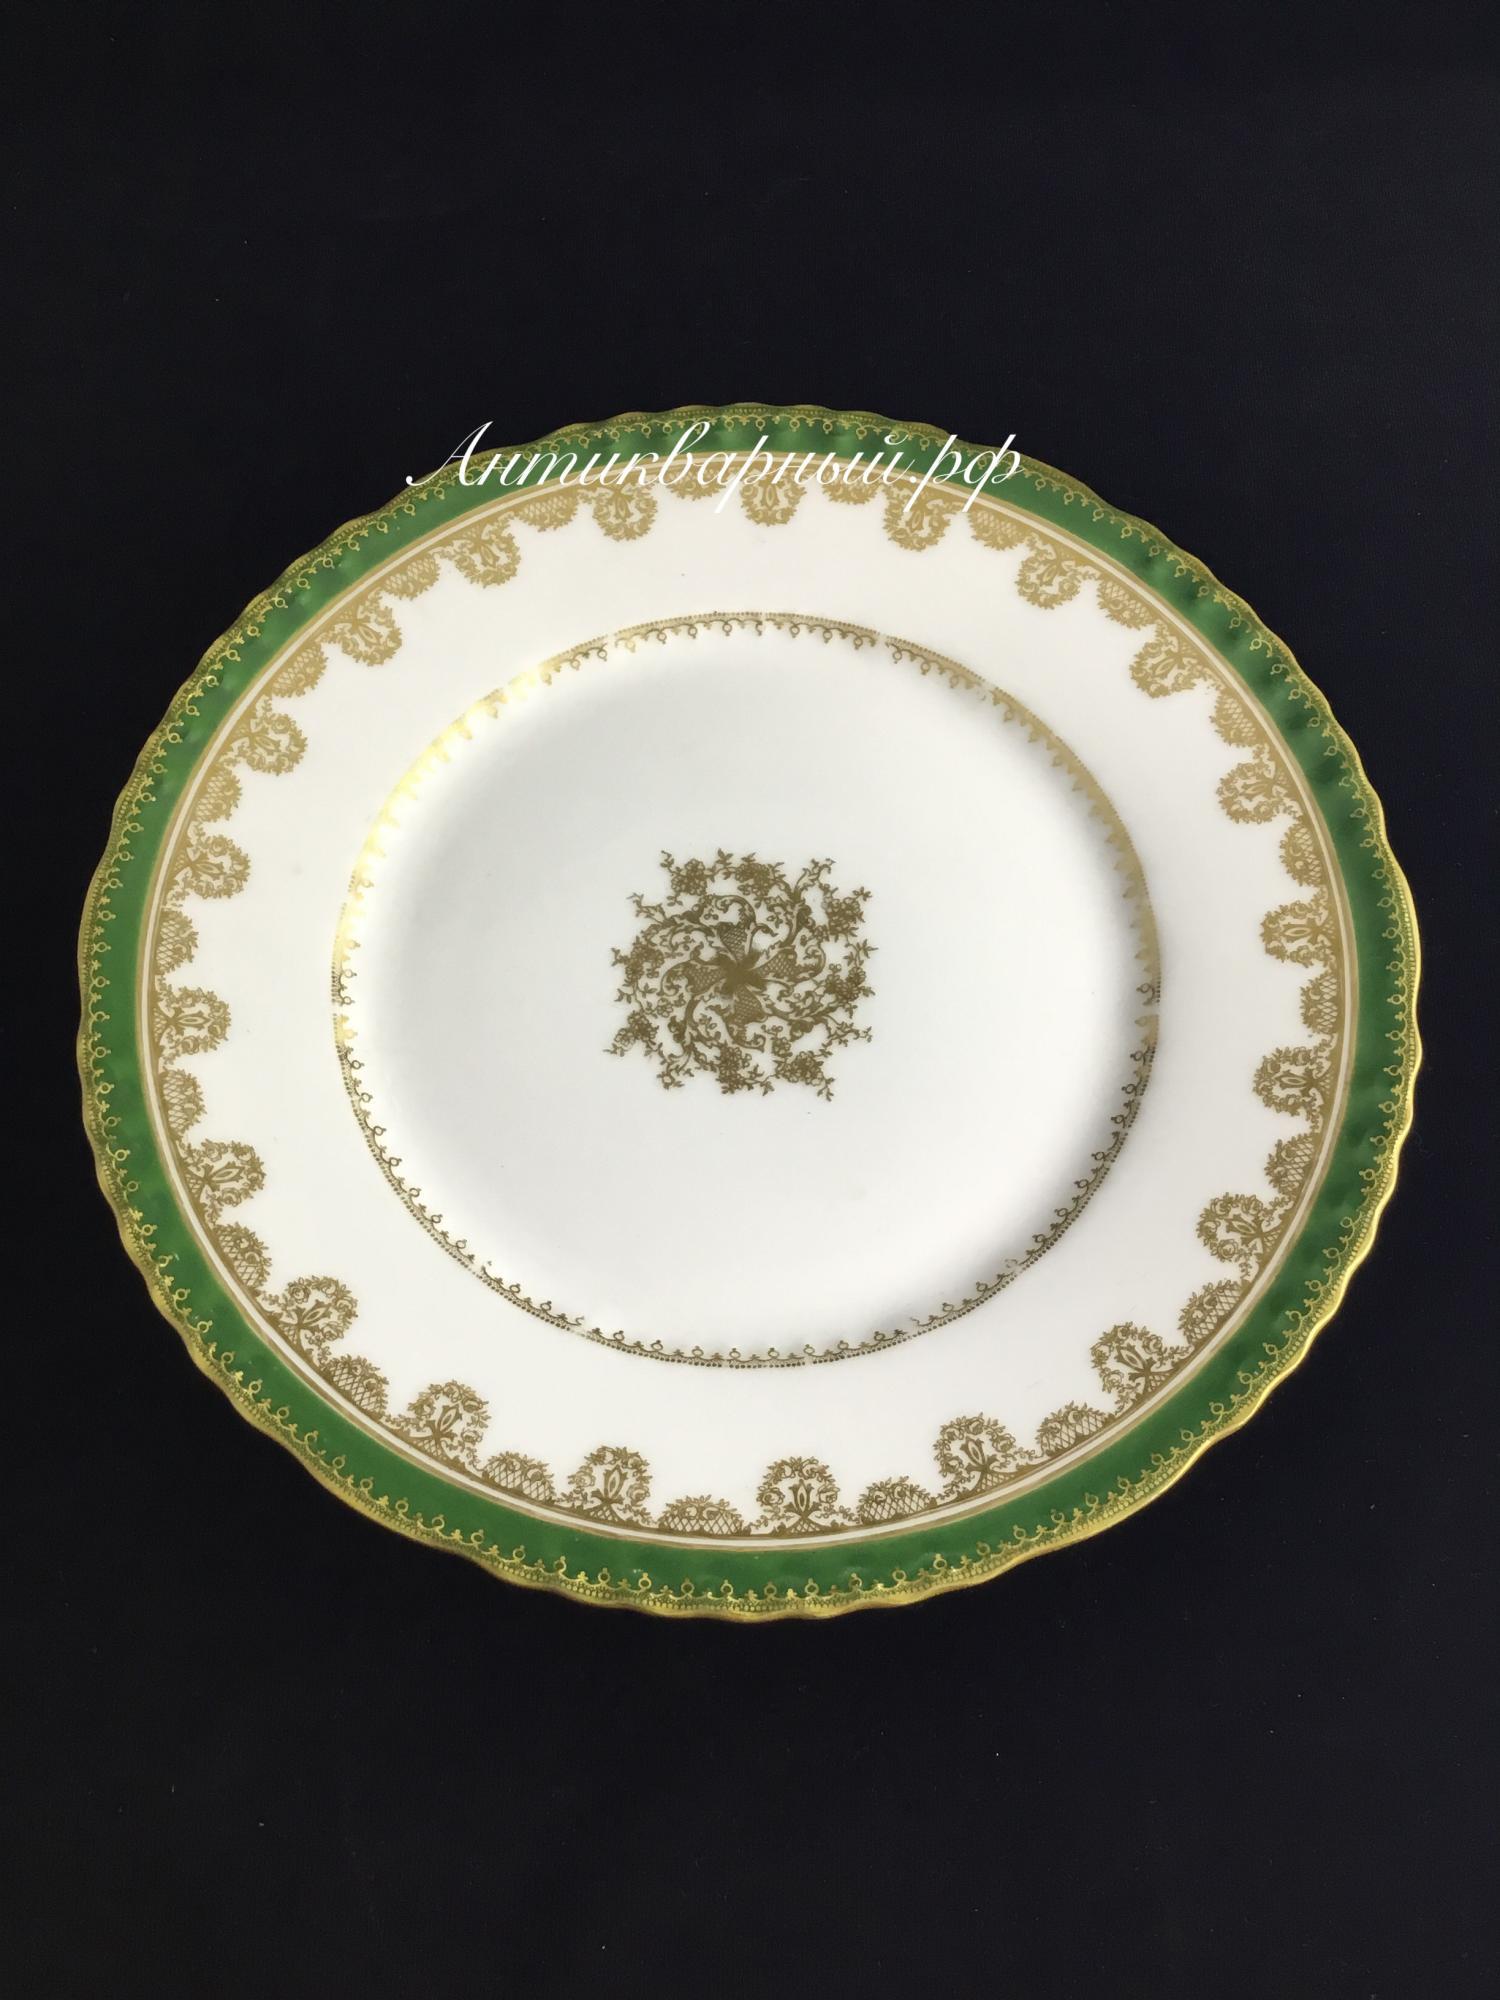 Декоративная тарелка с рельефным краем.Франция